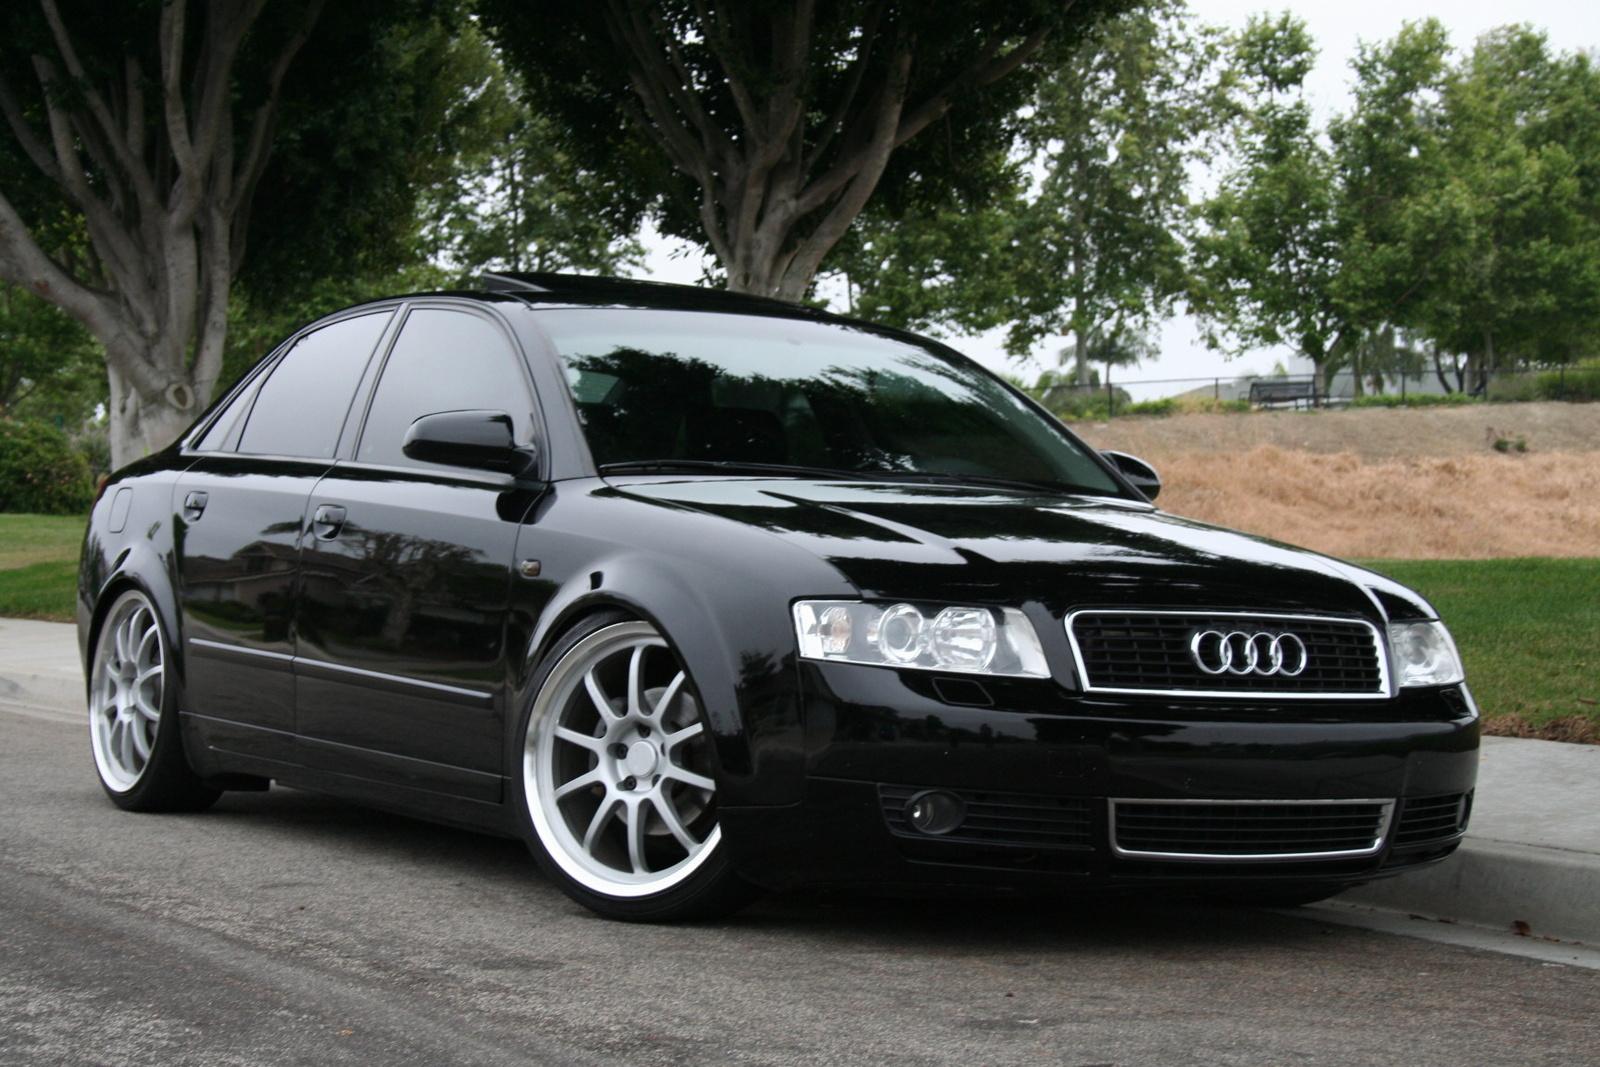 Audi A4 1 8 T >> Audi A4 1 8t Technical Details History Photos On Better Parts Ltd